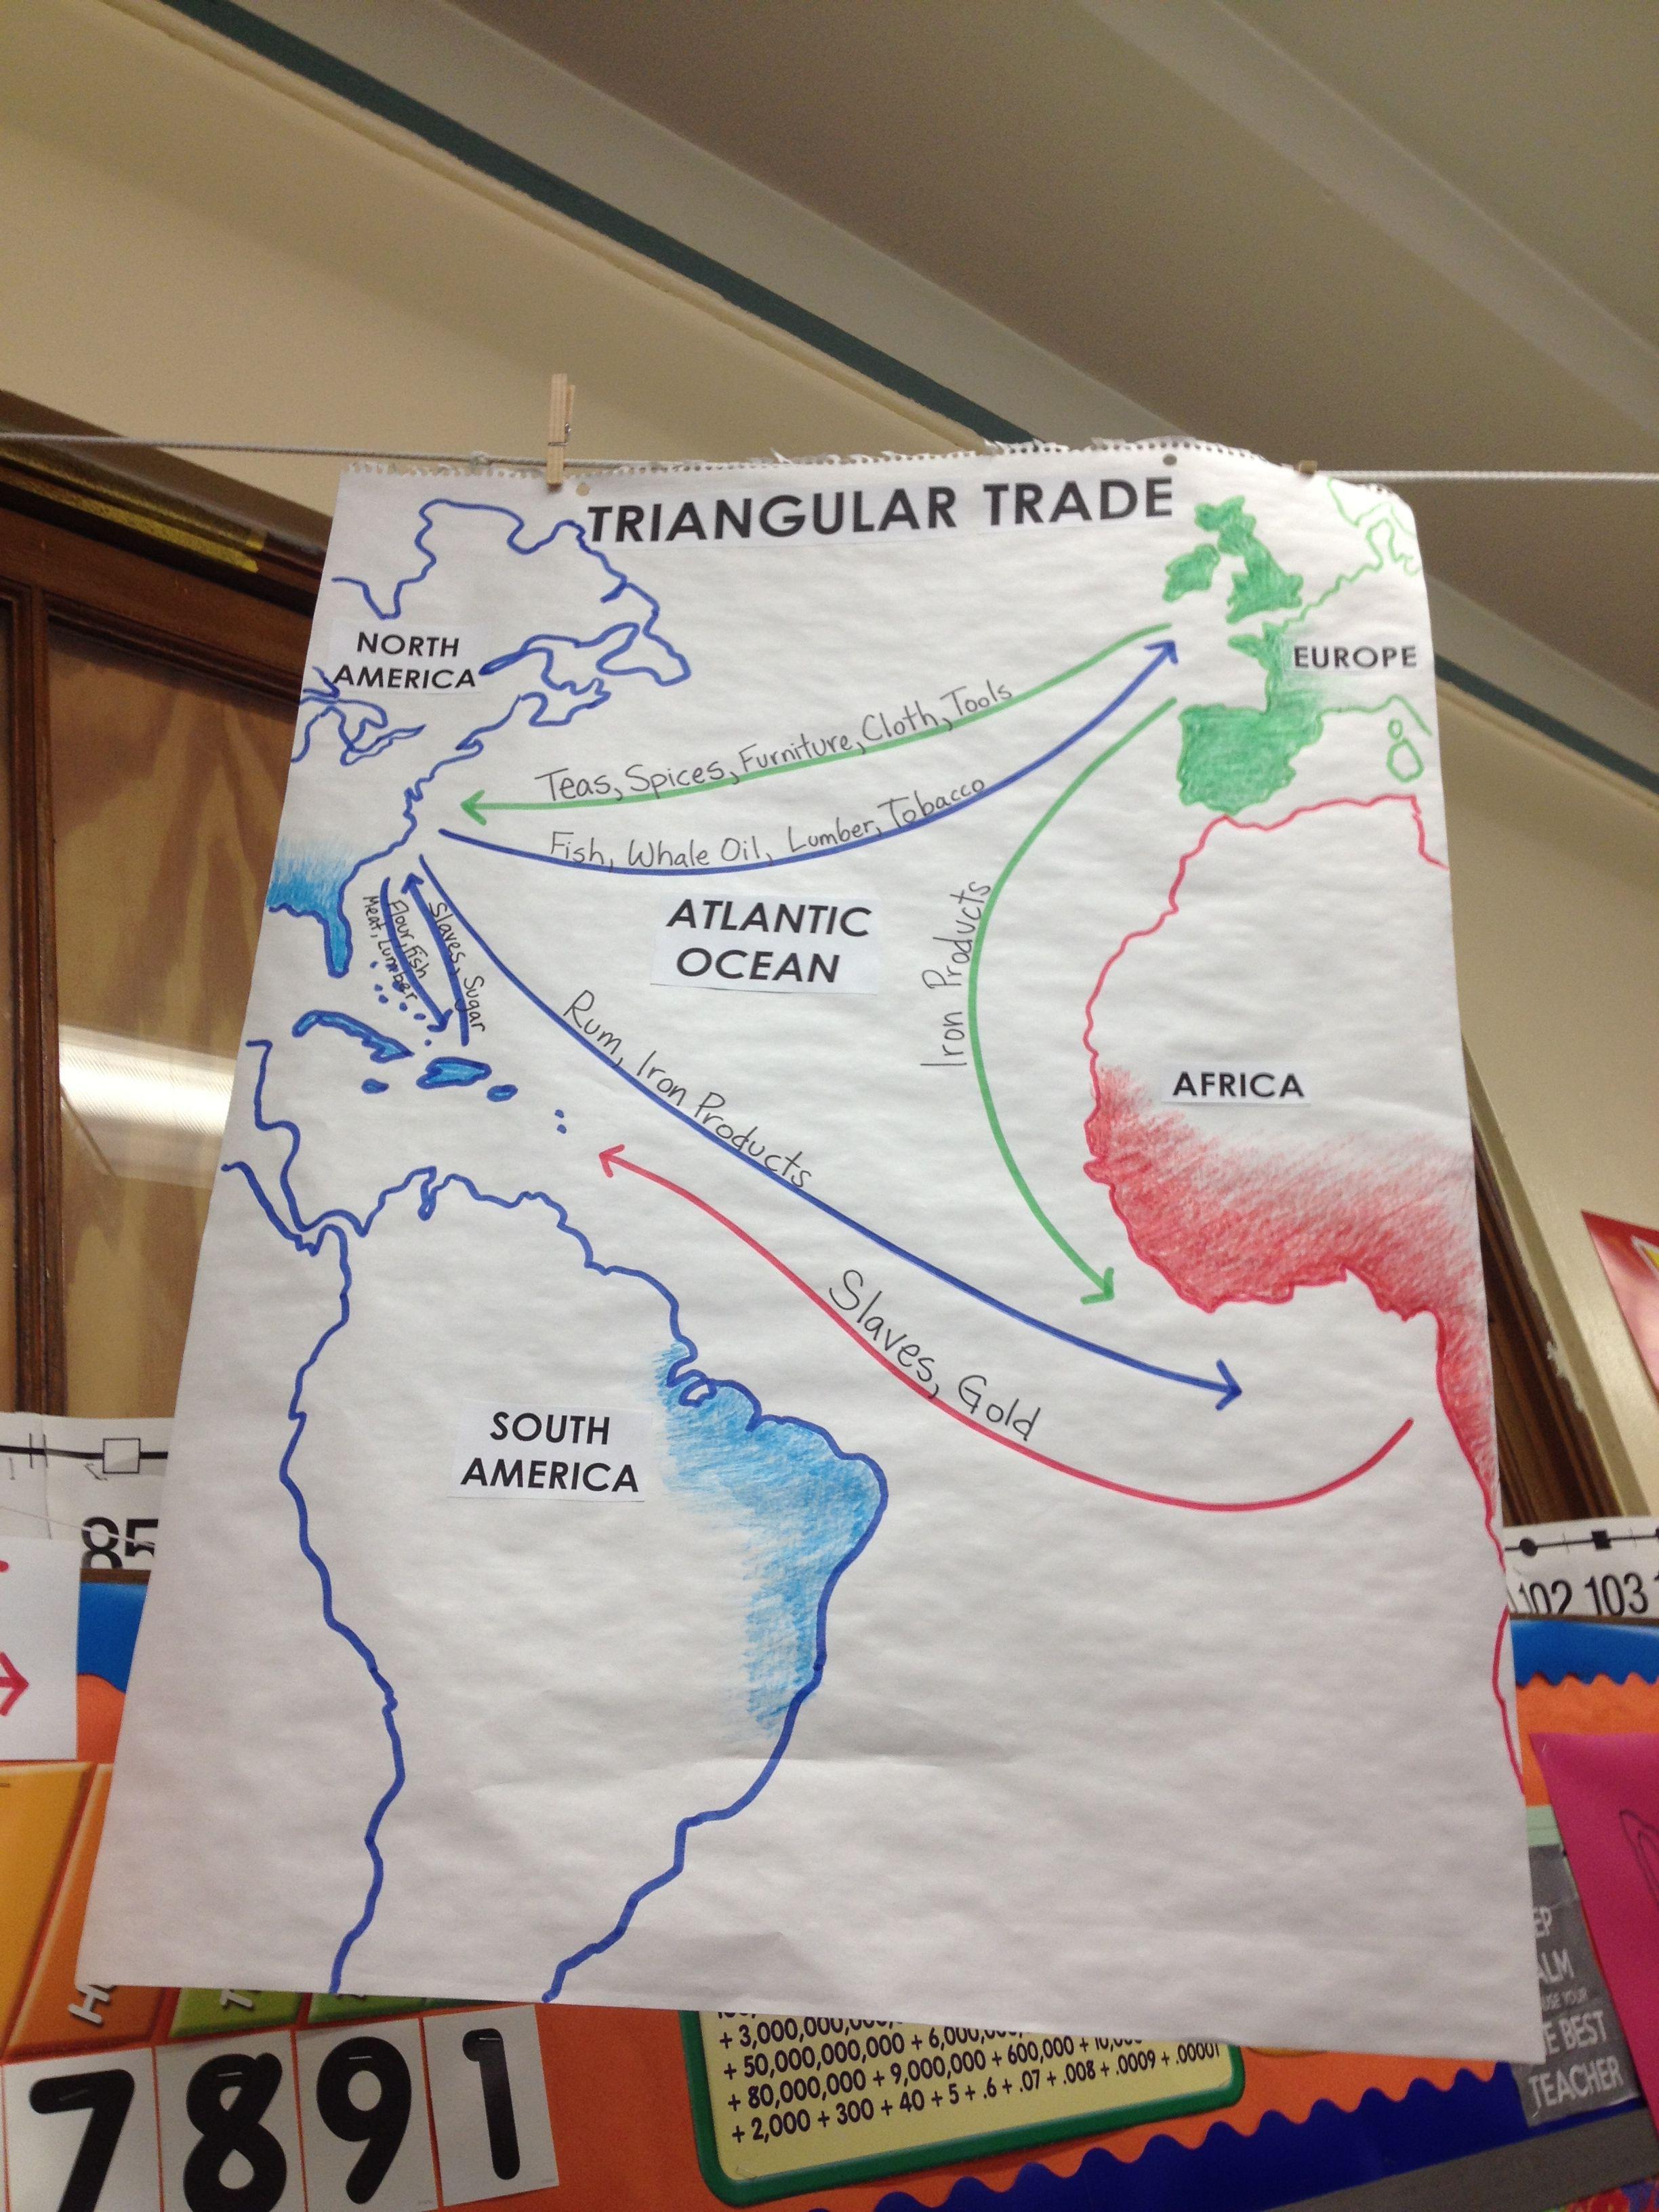 Trade School Vocational School Trade School Jobs Vocational School Plan Tradeschool 7th Grade Social Studies 6th Grade Social Studies 4th Grade Social Studies